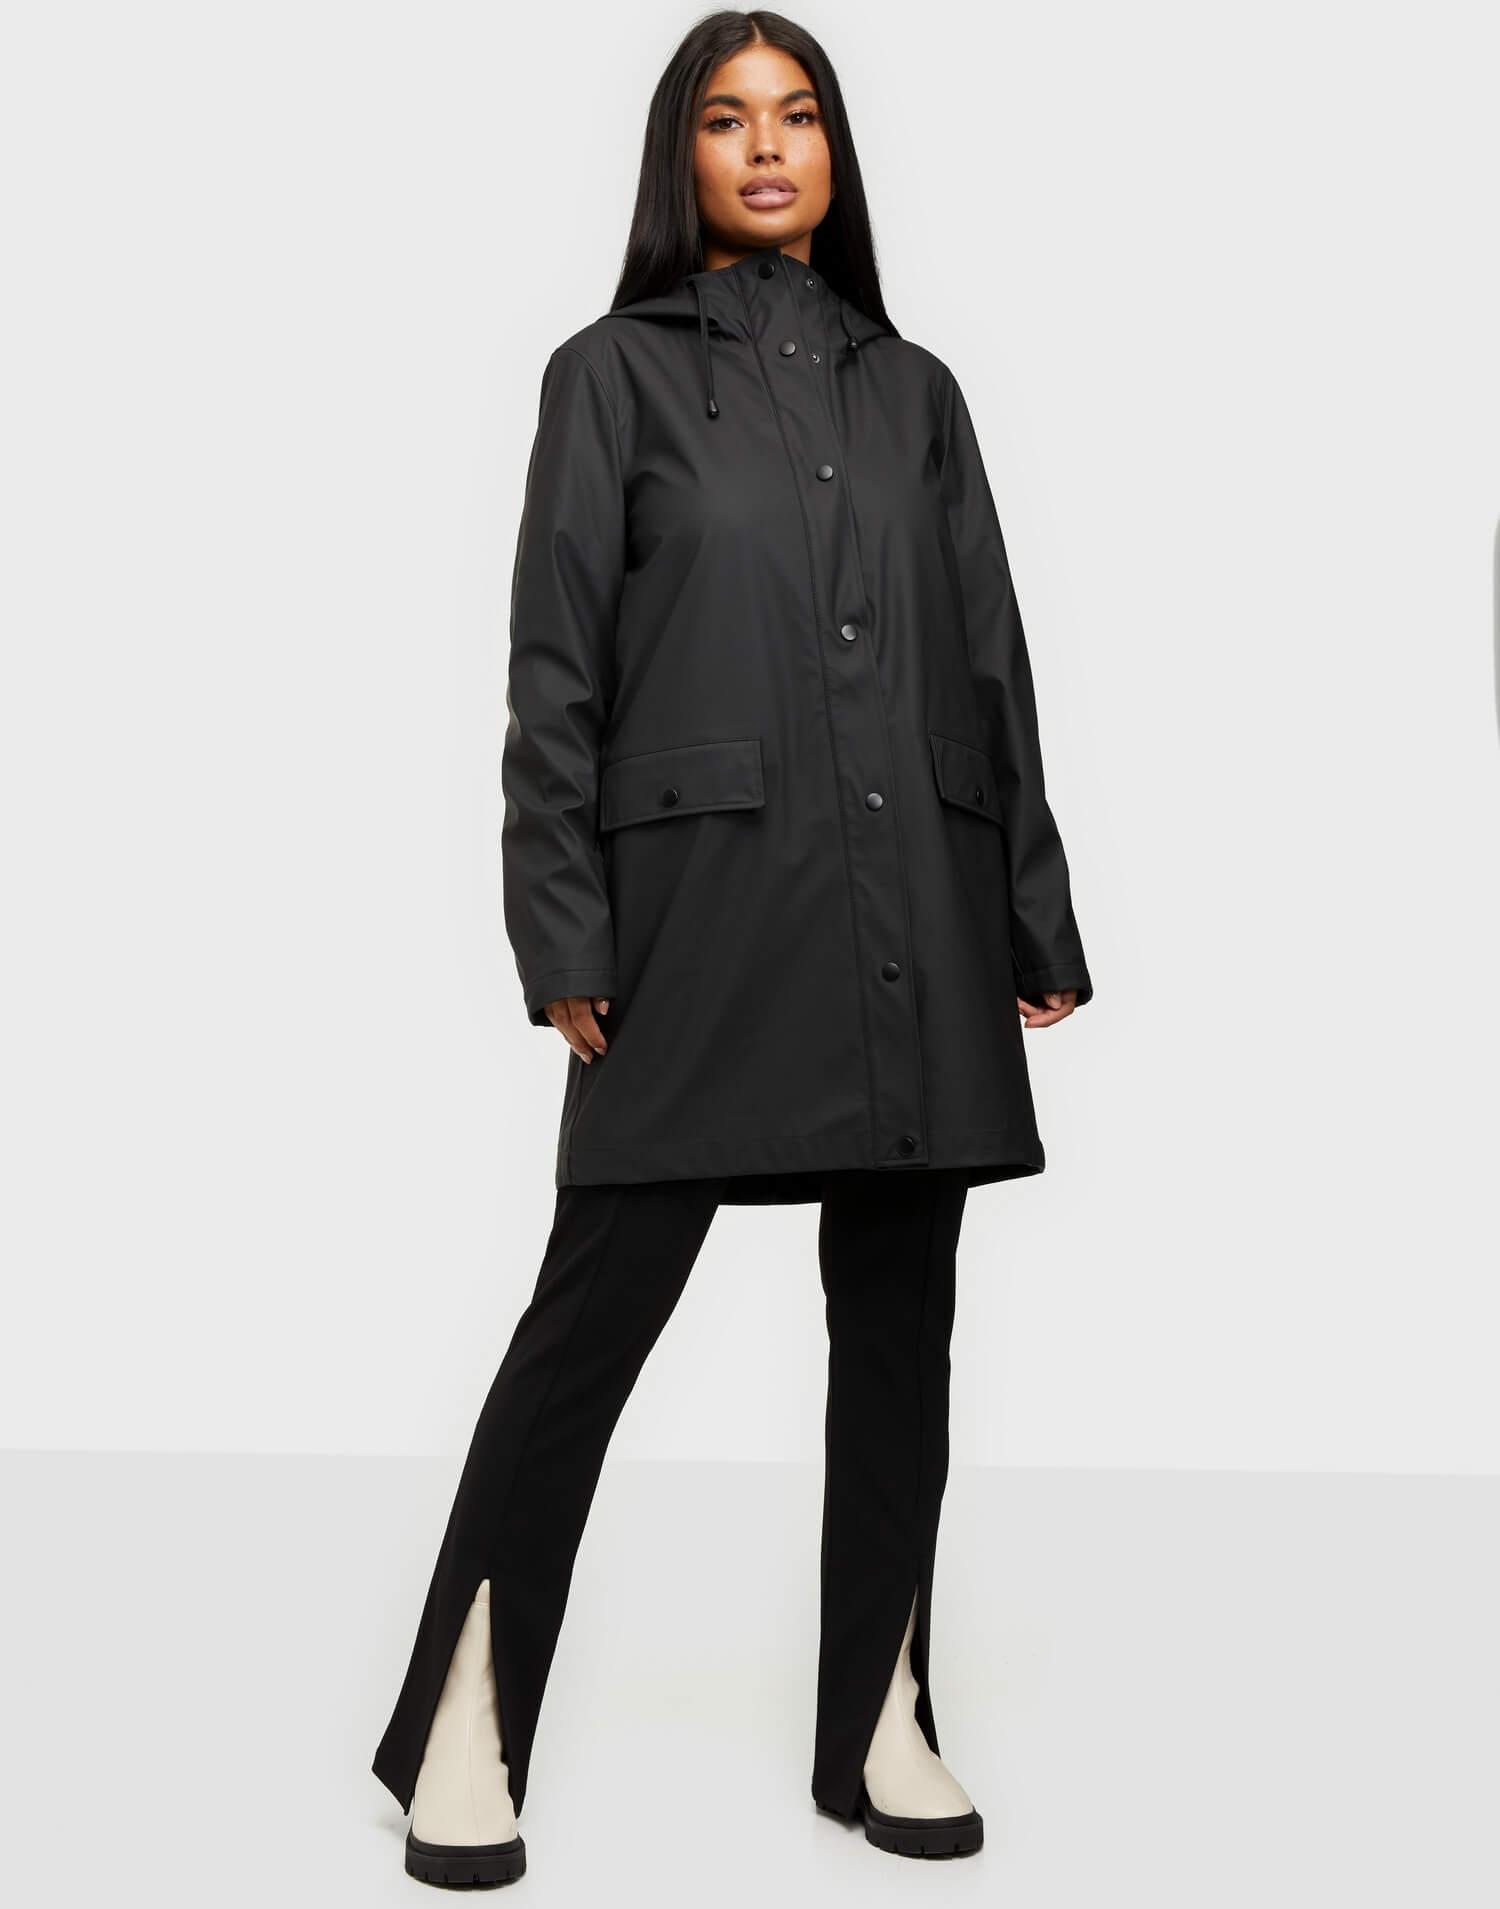 En svart lång regnkappa från märket Vero Moda på Nelly.